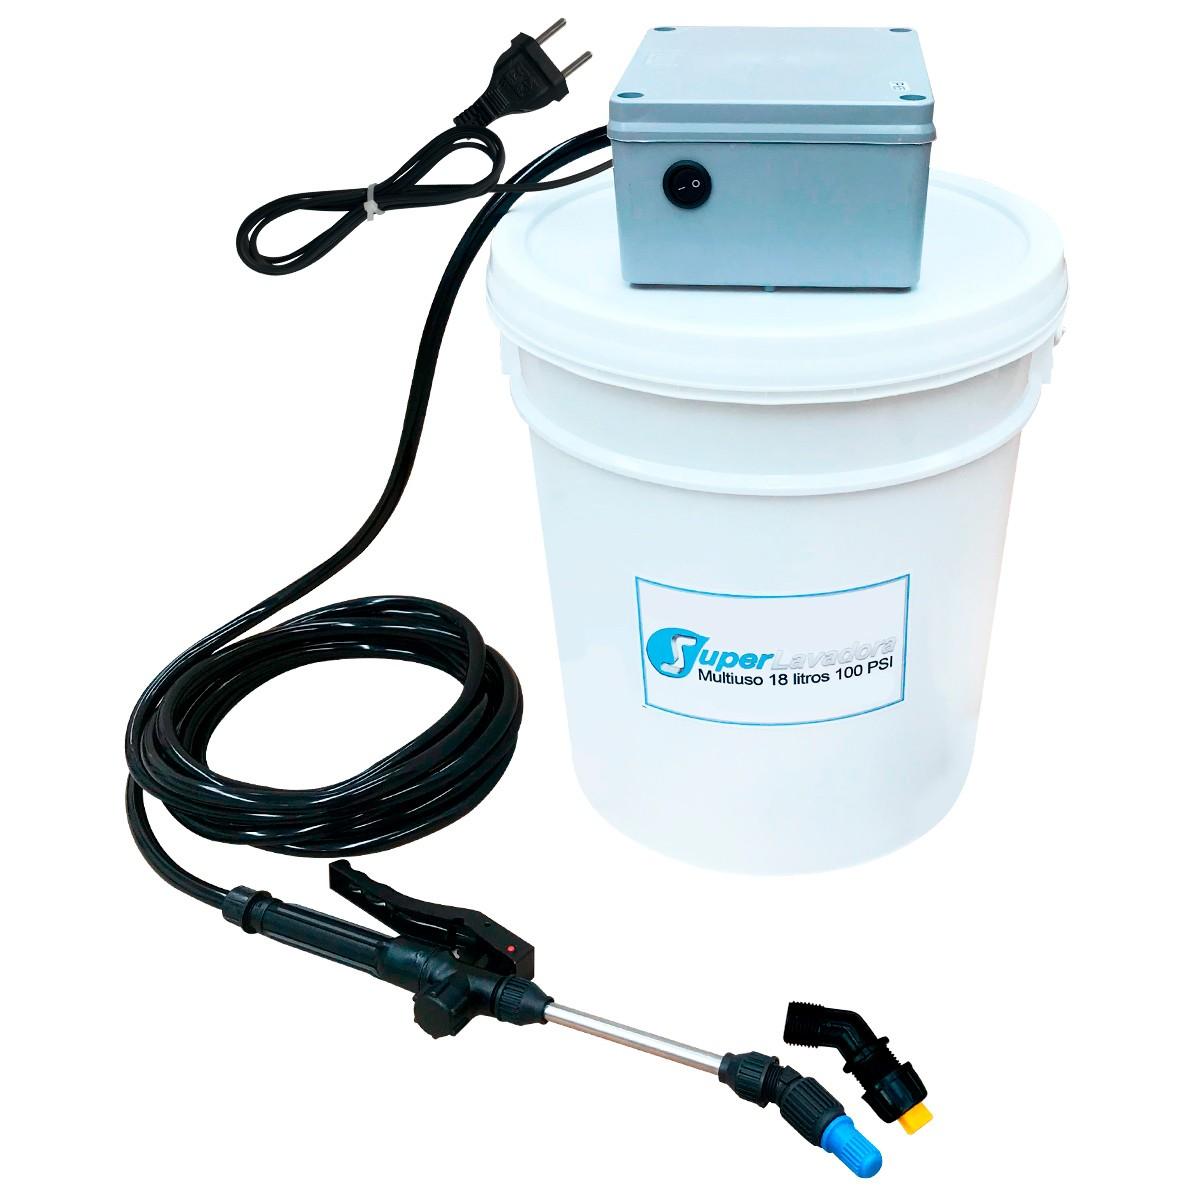 Lavadora Elétrica 18L 100PSI Carrinho + Balde de Plástico com Tampa 18 Litros